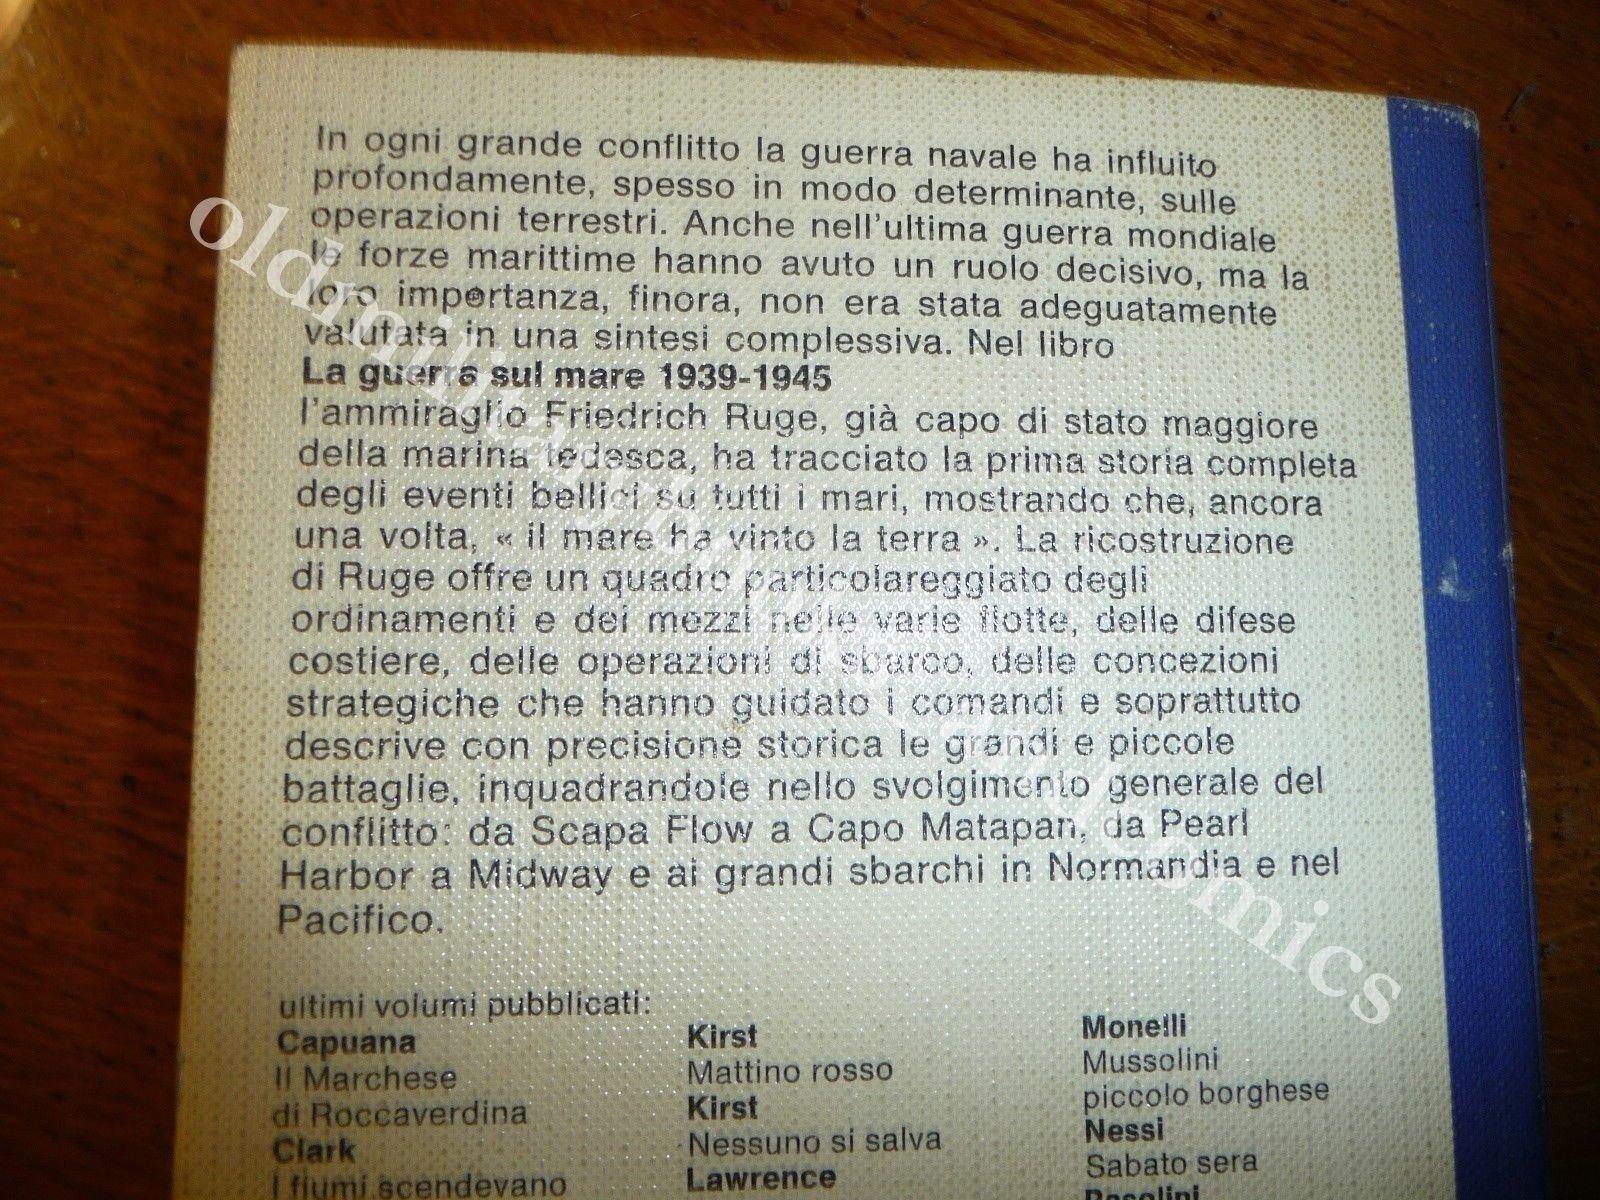 LA GUERRA SUL MARE 1939-45 FRIEDRICH RUGE GUERRA NAVALE NARRATA DA PROTAGONISTA